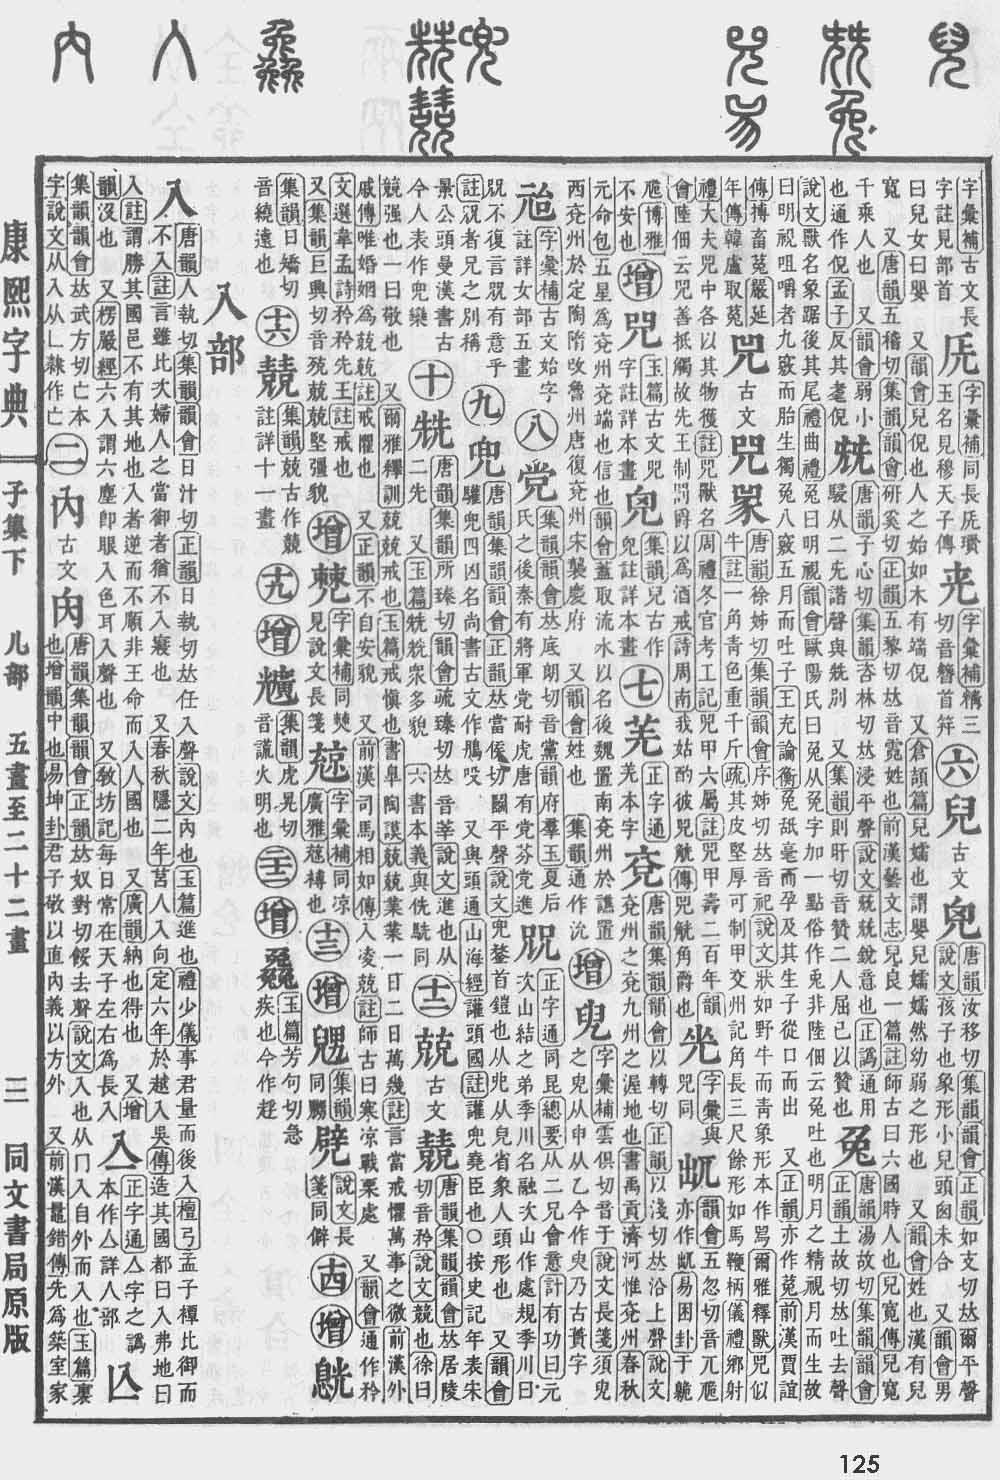 《康熙字典》第125页